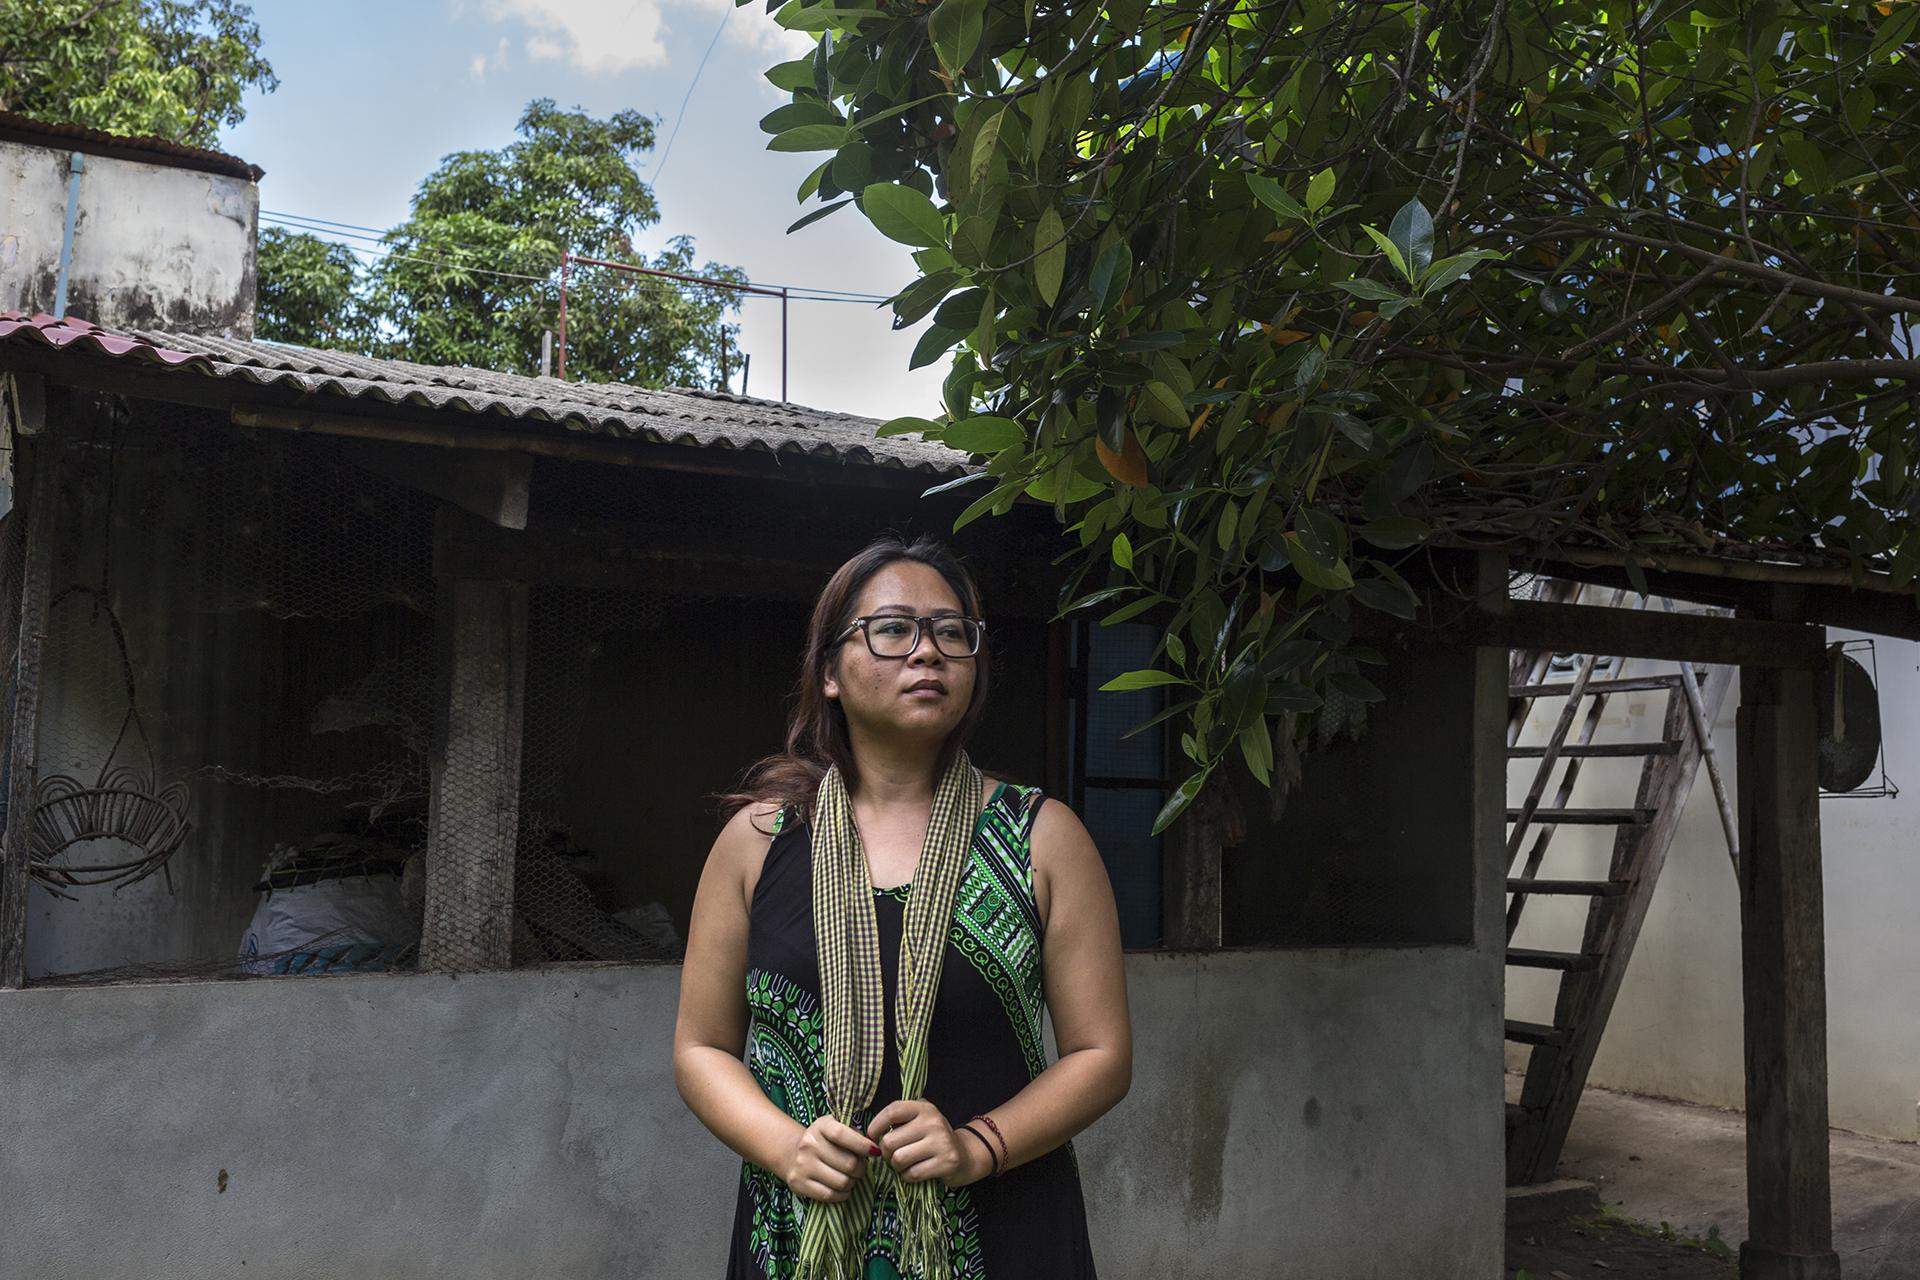 """Juin 2016. Sophéa dans la cour de la famille qui l'a accueillie dans la province de Kampong Chhnang. Arrivée à Kampong Chhnangn choquée mais pas abattue Sophéa a du réorganiser sa vie. Elle a du apprendre à parler Khmer car personne ne parlait anglais. """"C'était une leçon d'humilité parce que là-bas les gens faisaient tout à la main et ils travaillaient dur. Les gens se levaient à 5h du matin et se couchaient à 20h, avec le soleil"""".Sa famille au Cambodge pensait qu'elle sortait tout juste de prison et qu'elle risquait à nouveau de commettre des délis. Ils voulaient la garder 2 ans à la campagne mais Sophéa  s'est donnée 6 mois, car elle voulait retrouver son indépendante. Elle voulait connaître la vie à Phnom-Penh et trouver du travail. Sa mère lui a envoyé un ordinateur portable ce qui lui a permis de reprendre contact avec sa famille aux Etats-Unis et aussi de rencontrer de nouvelles personnes au Cambodge via les réseaux sociaux."""